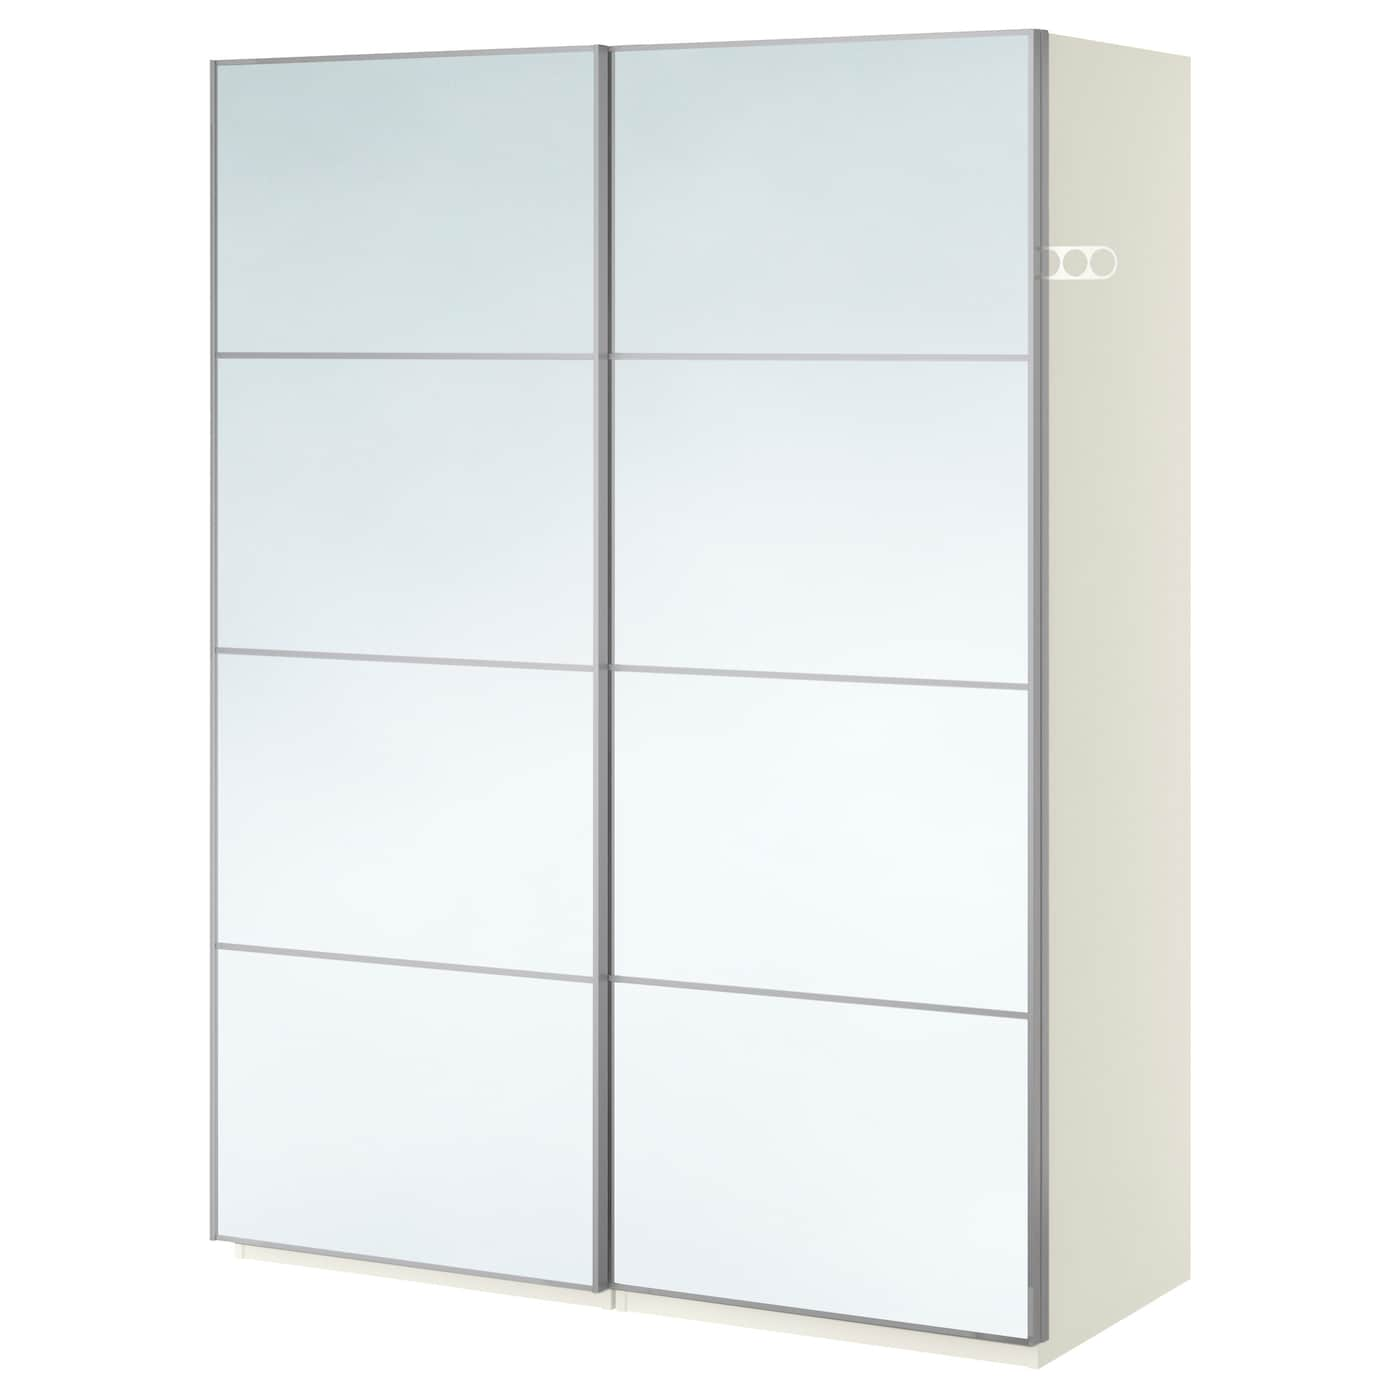 PAX Wardrobe White auli mirror glass 150x66x201 cm IKEA